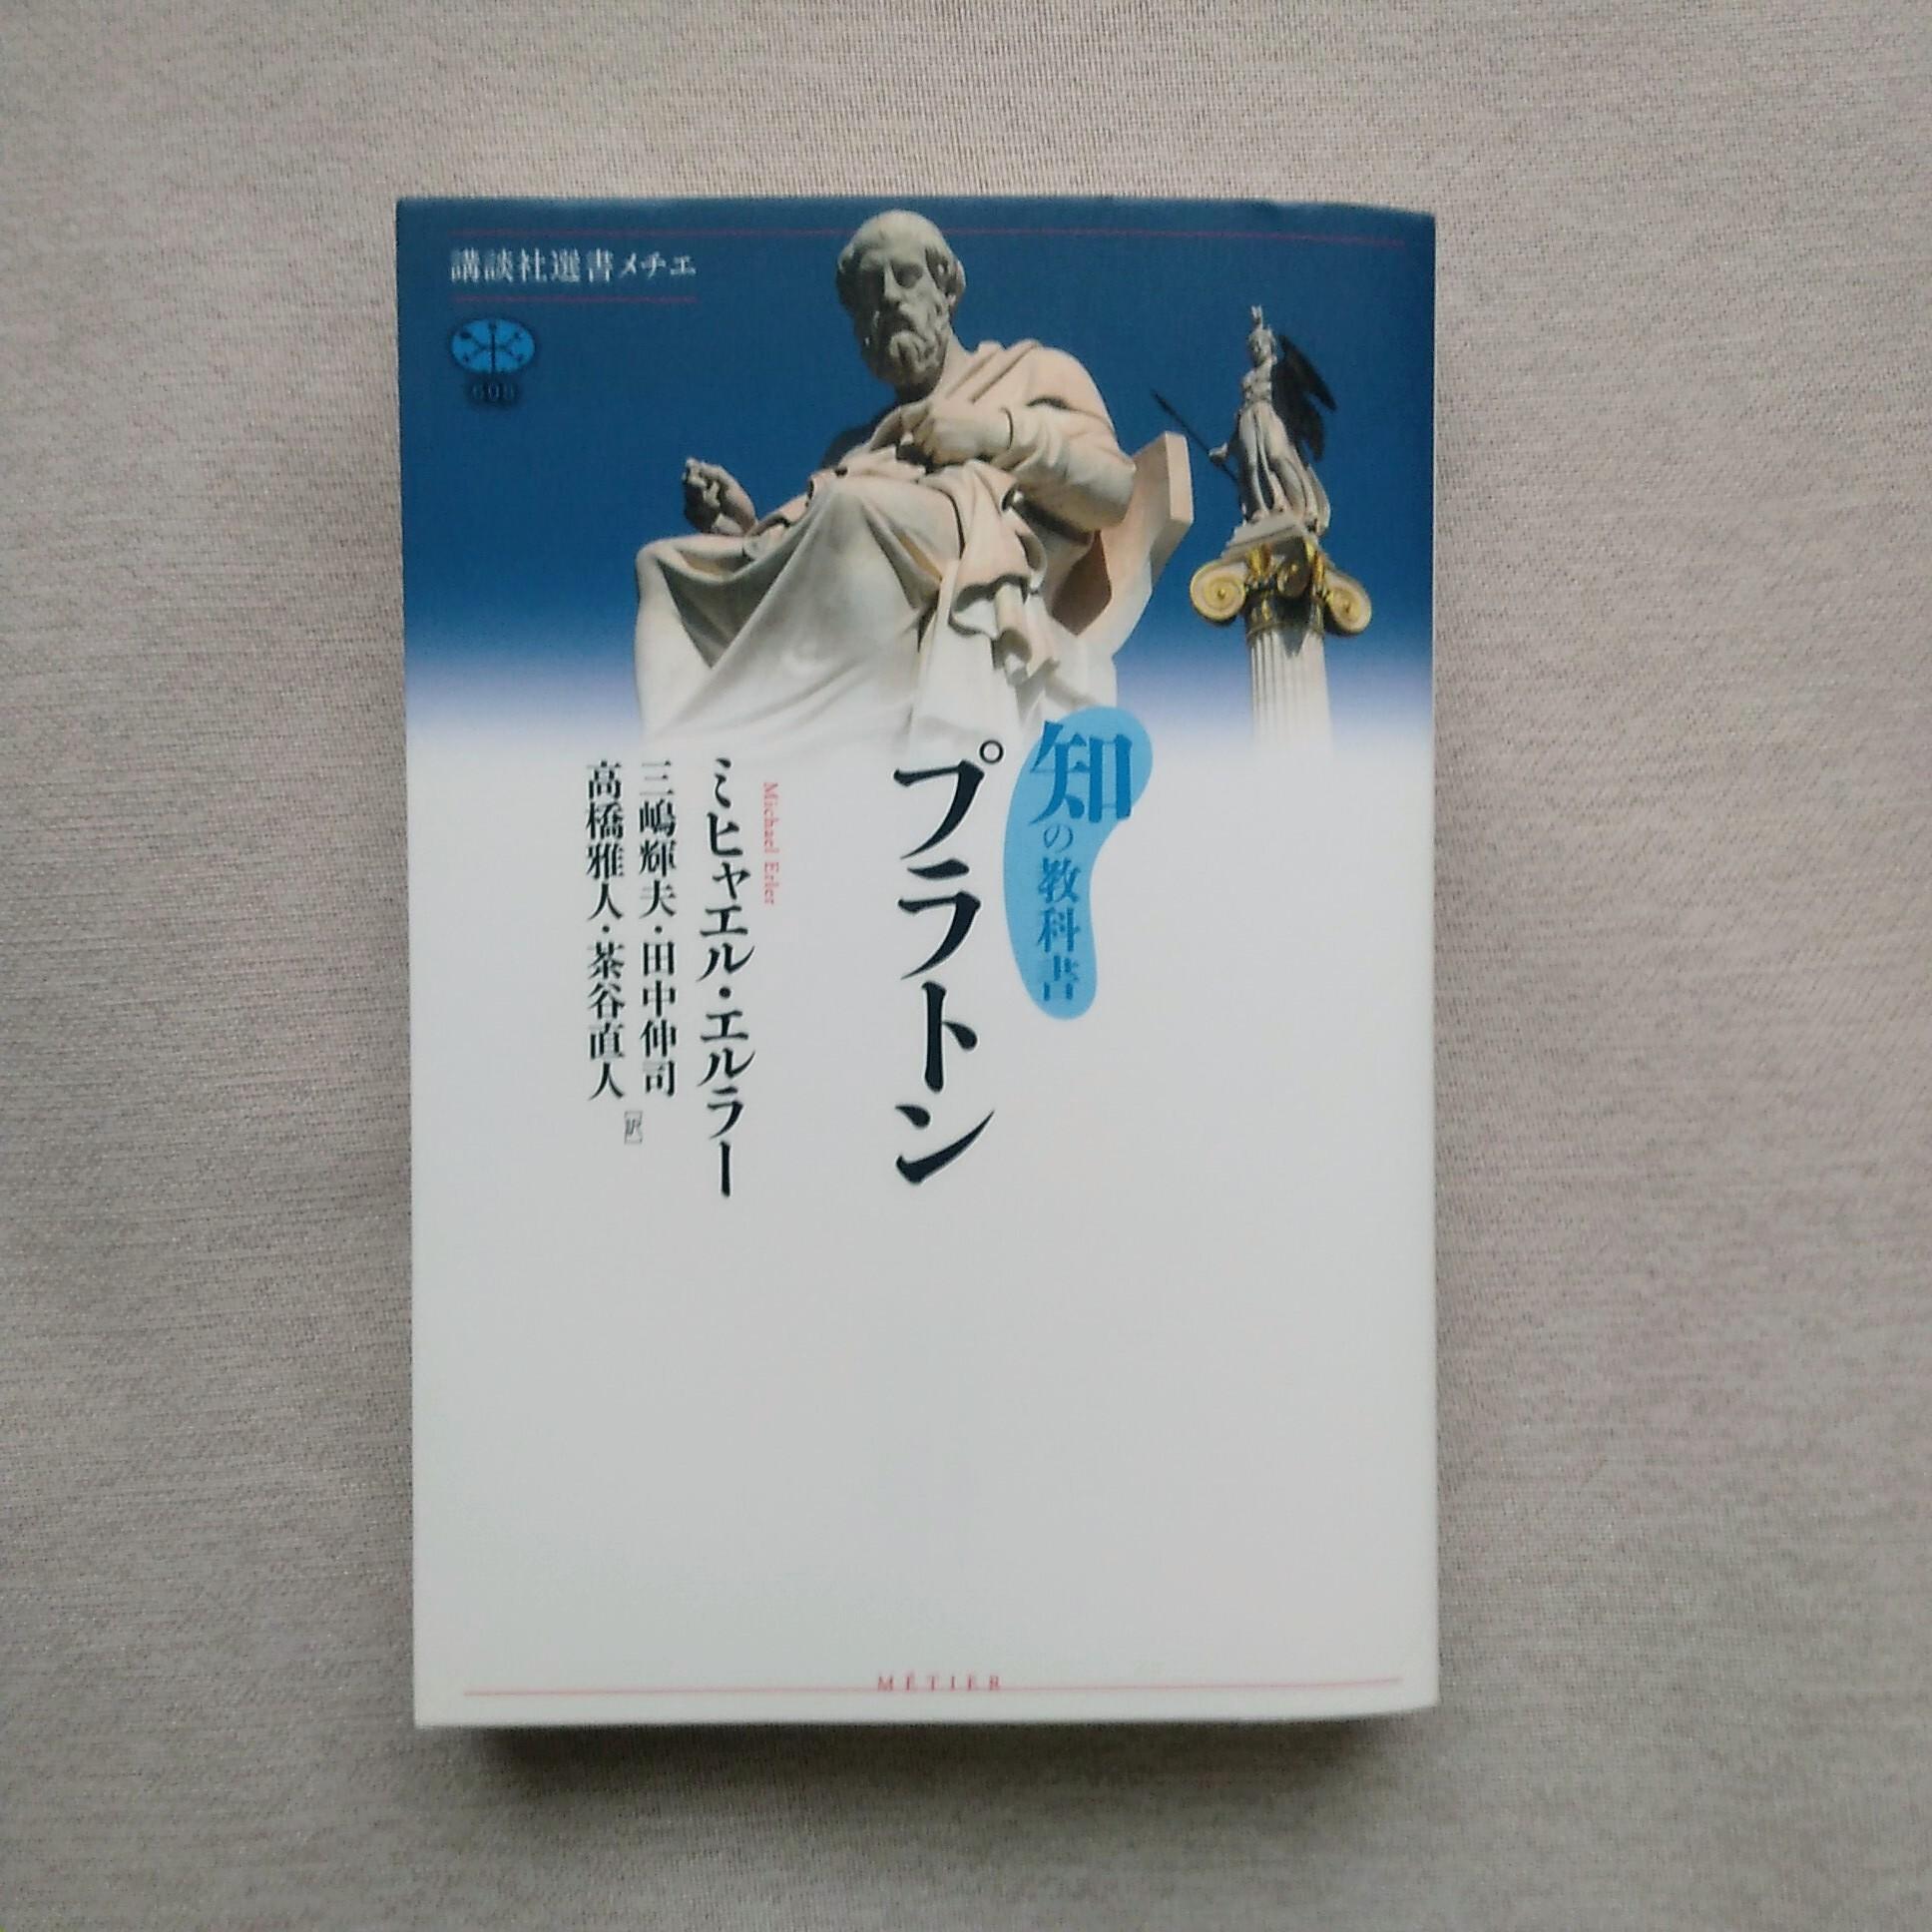 プラトン 知の教科書 (講談社選書メチエ)